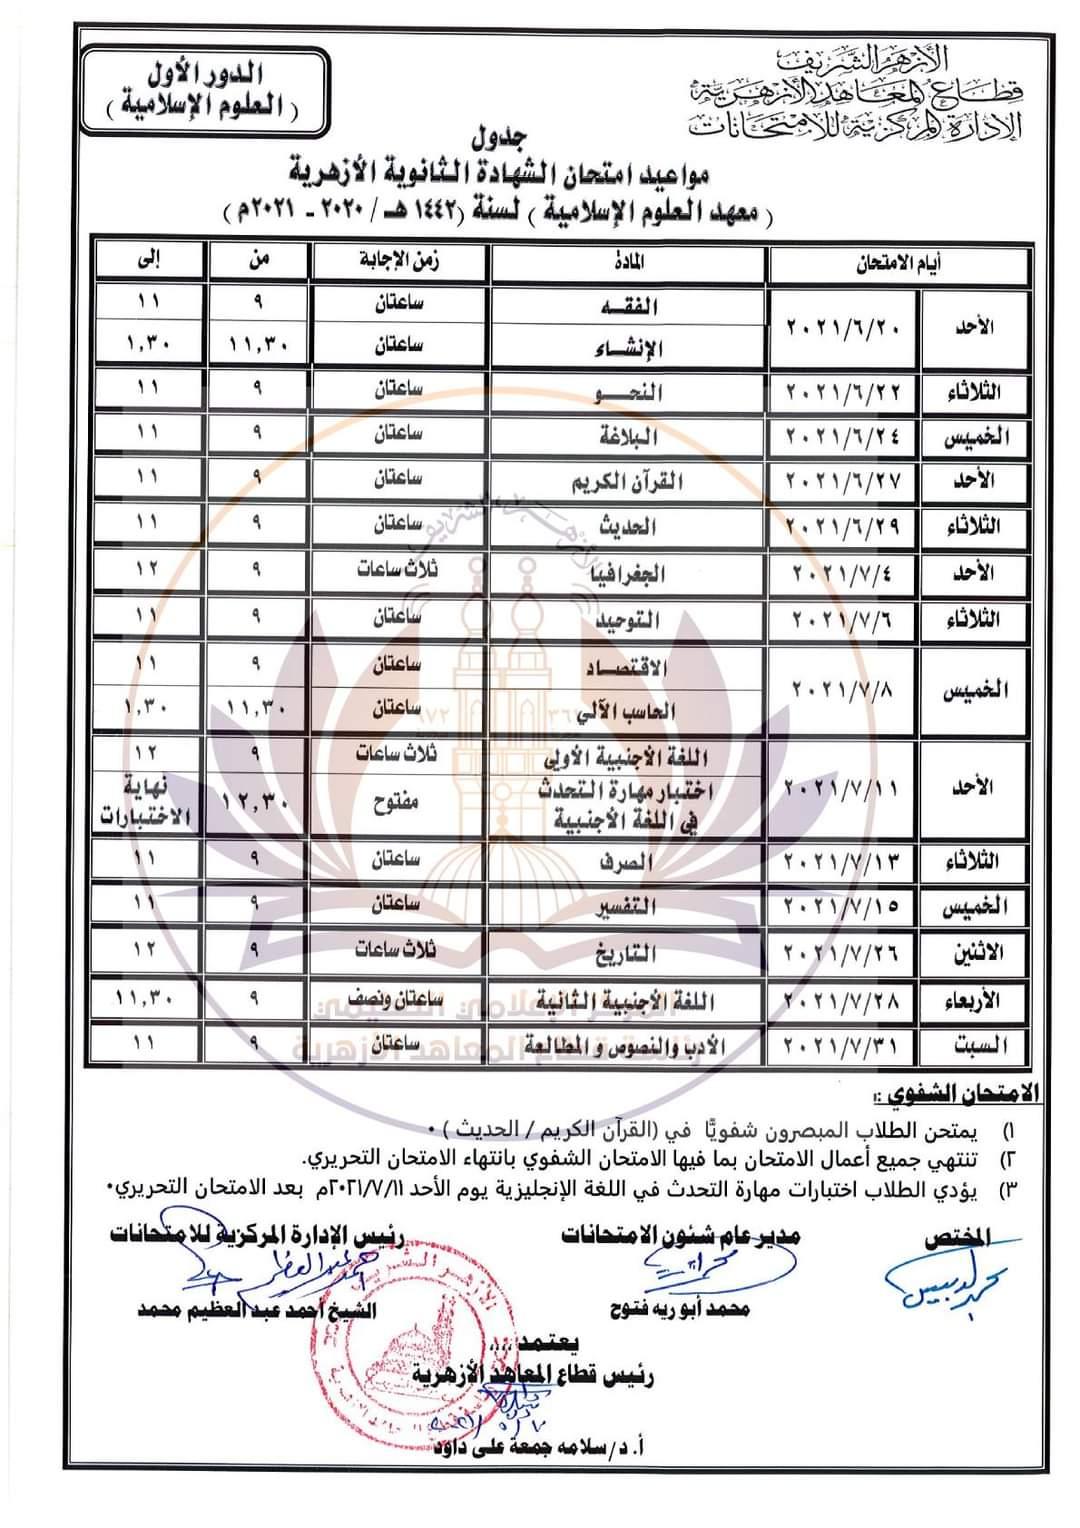 جدول امتحانات الثانوية الأزهرية  (1)